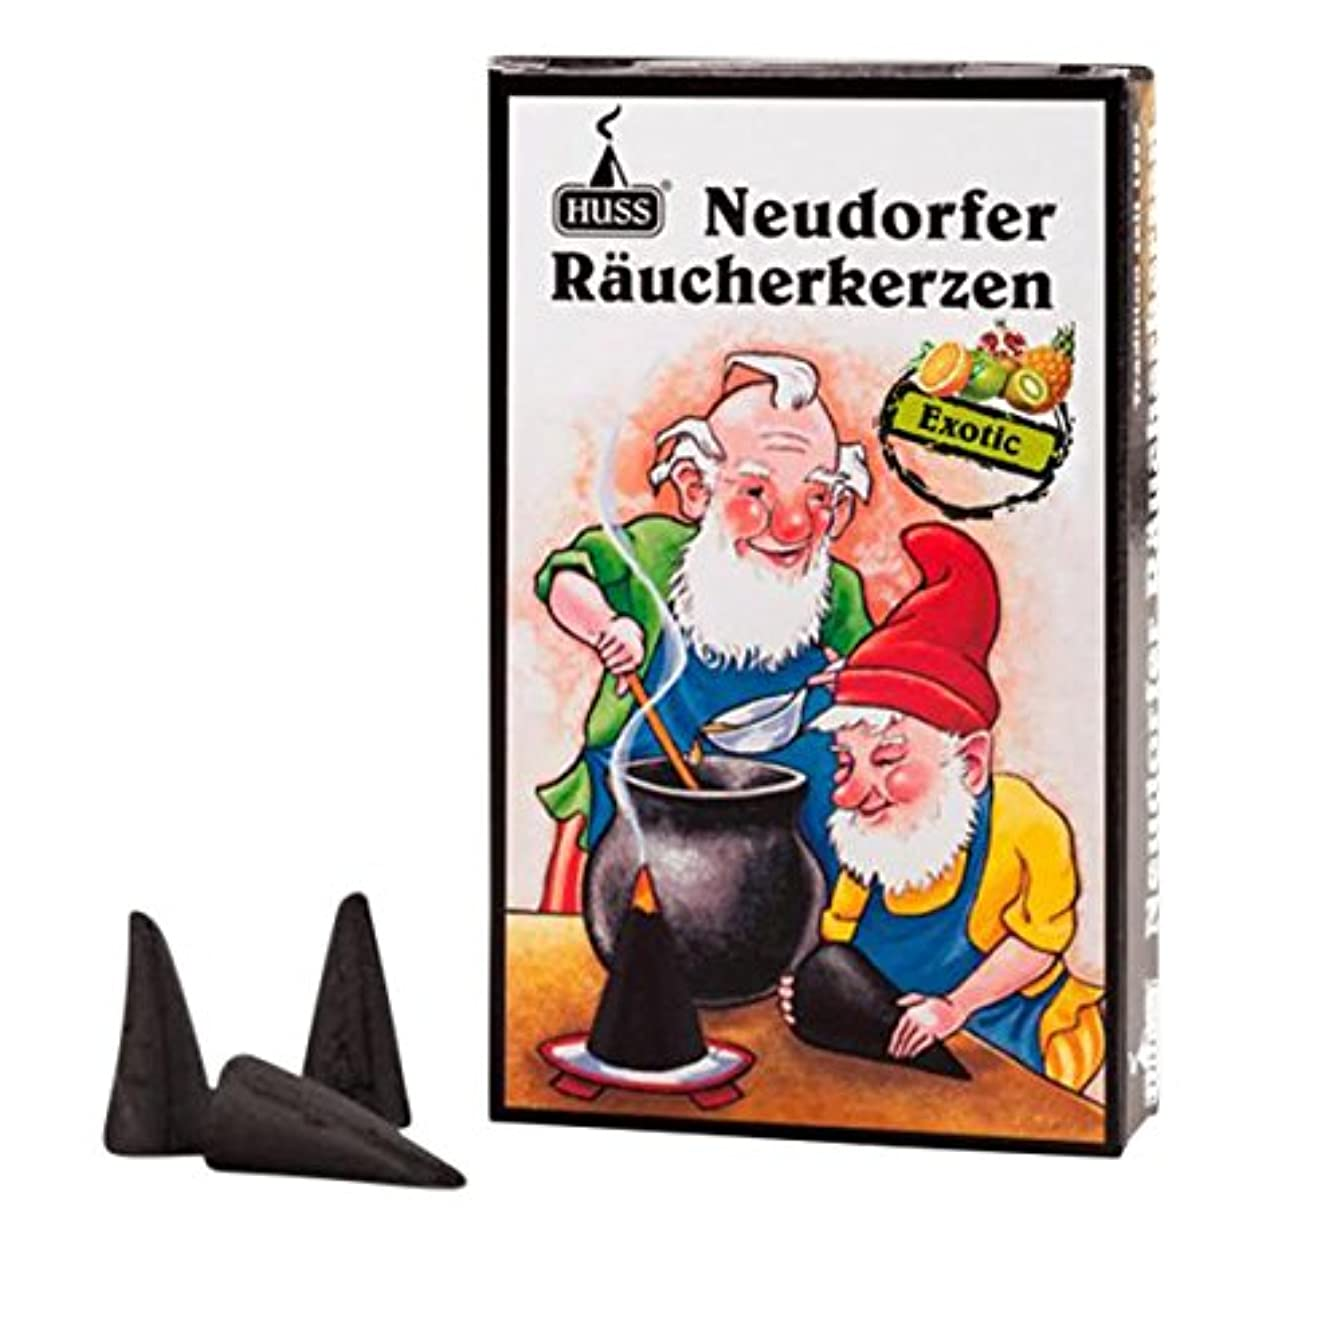 処方リムアリHuss Incense Cones for German Incense Smoker – エキゾチック – 環境にやさしいドイツのハンドメイド